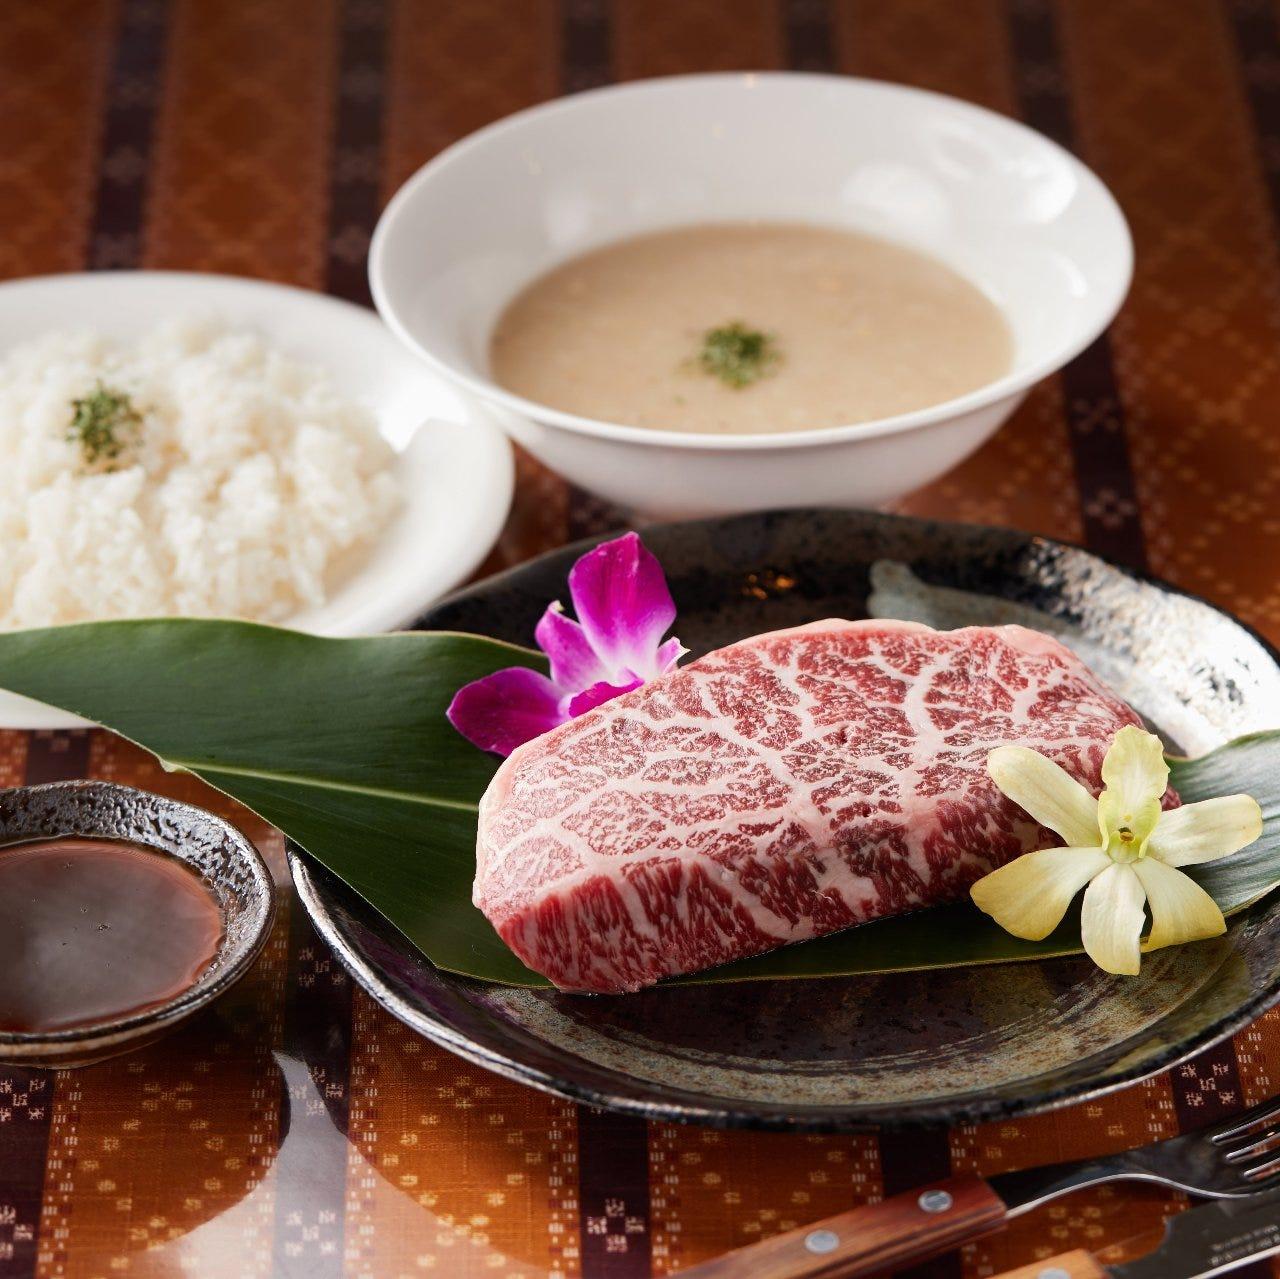 お昼に贅沢な石垣牛のステーキはいかが?風味豊かな味わいに感動